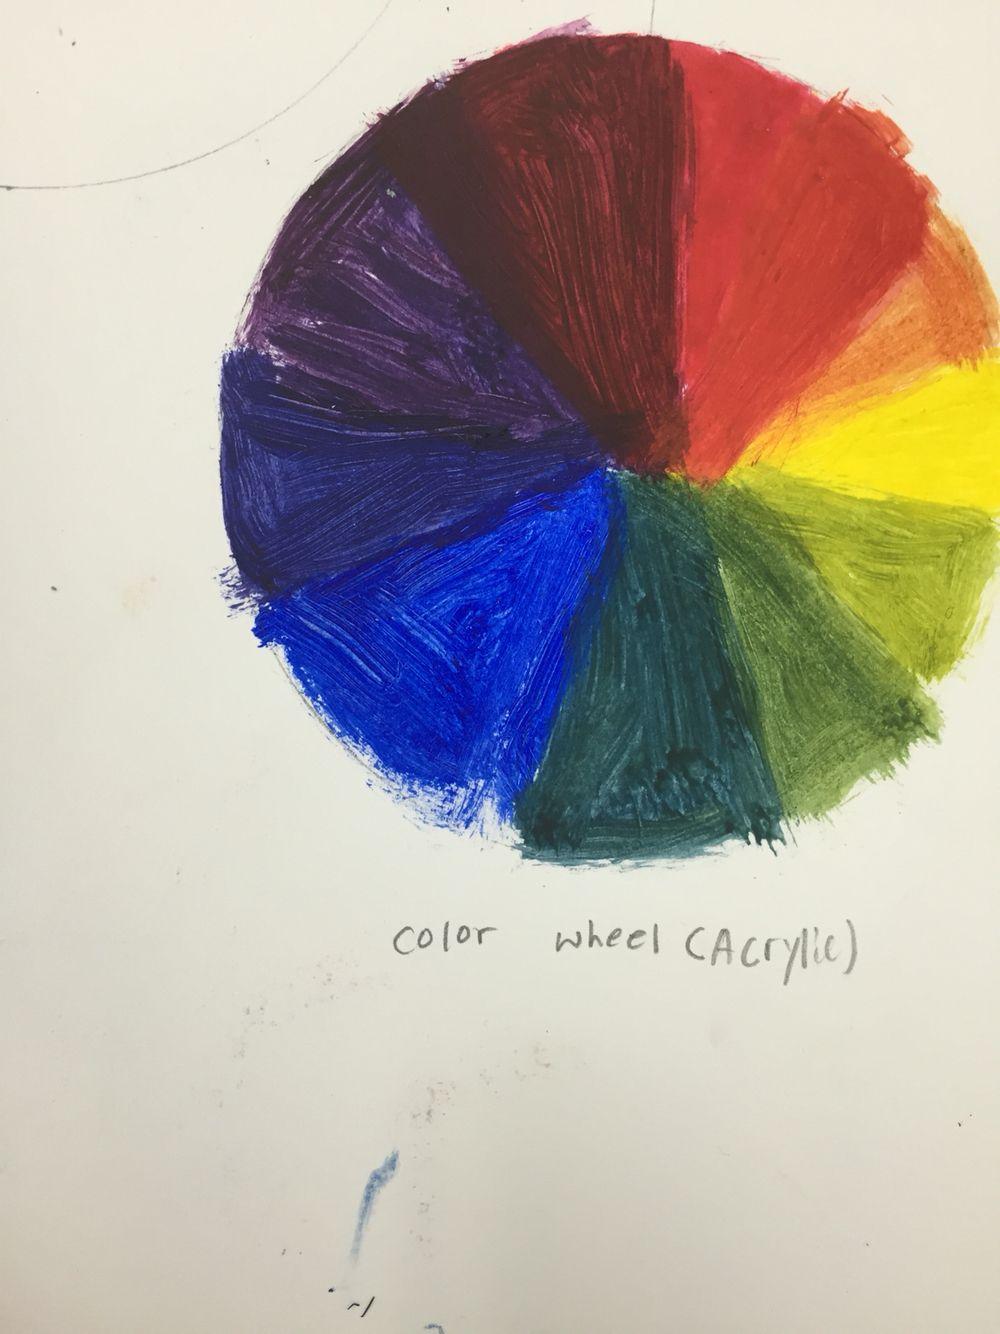 Co color wheel art - Color Wheel